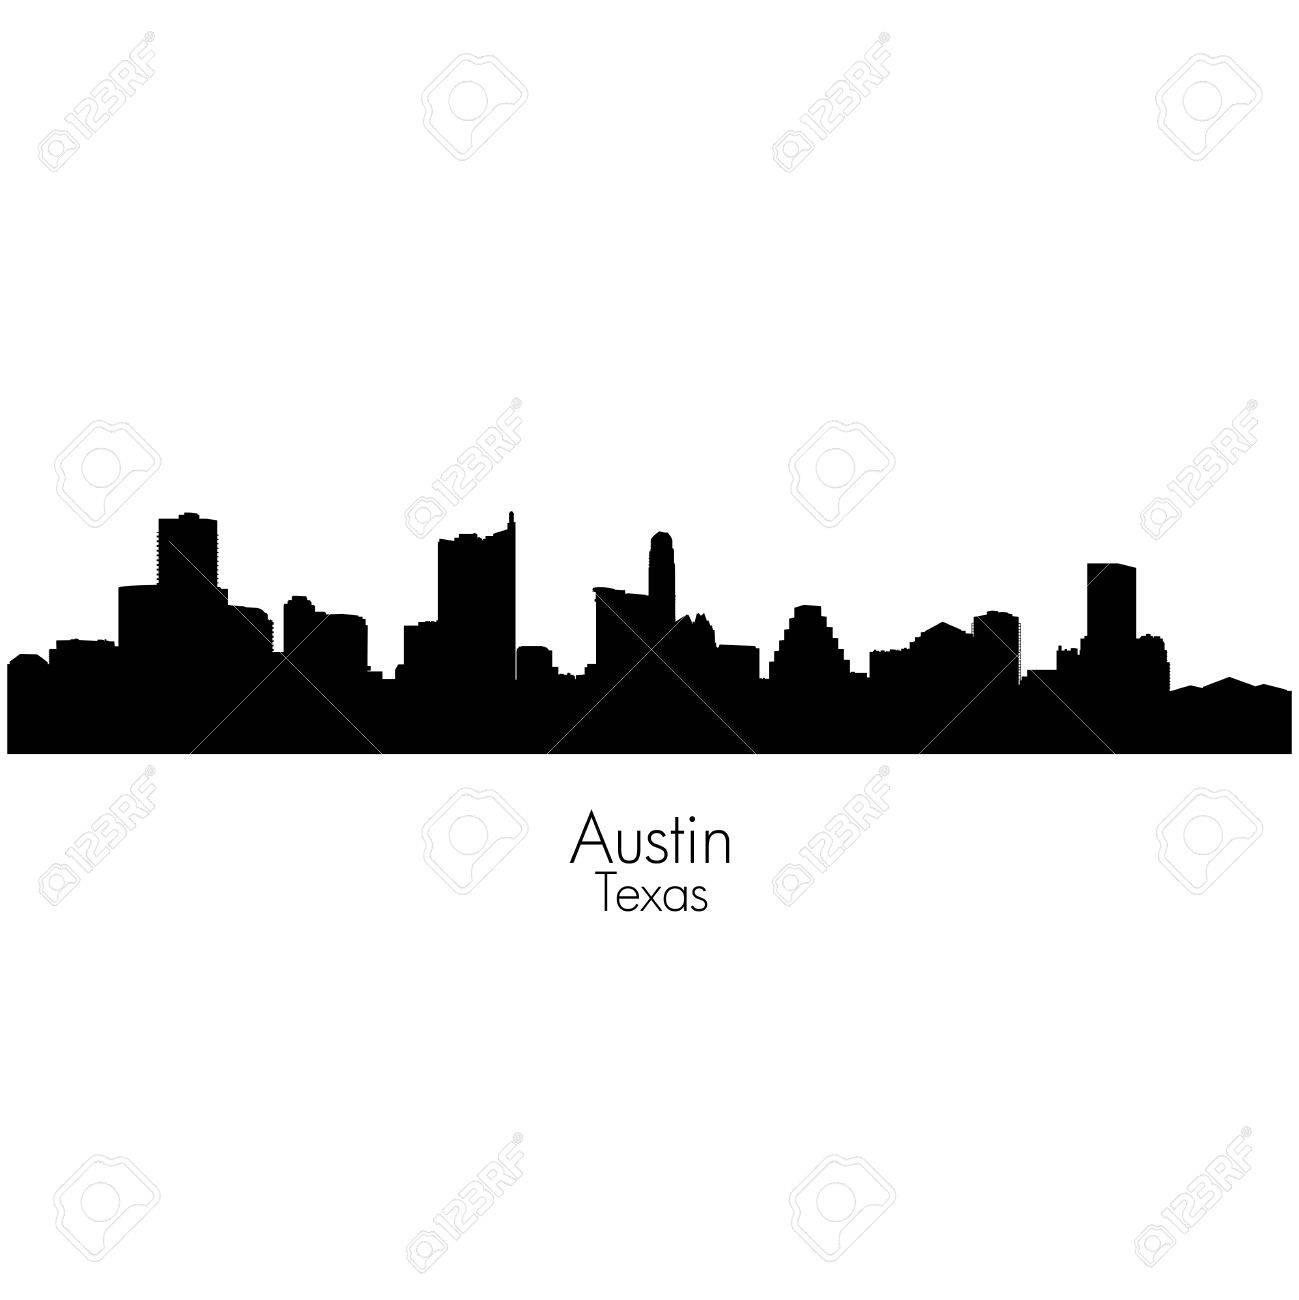 austin city capital of texas black vector silhouette skyline stock vector 64605357